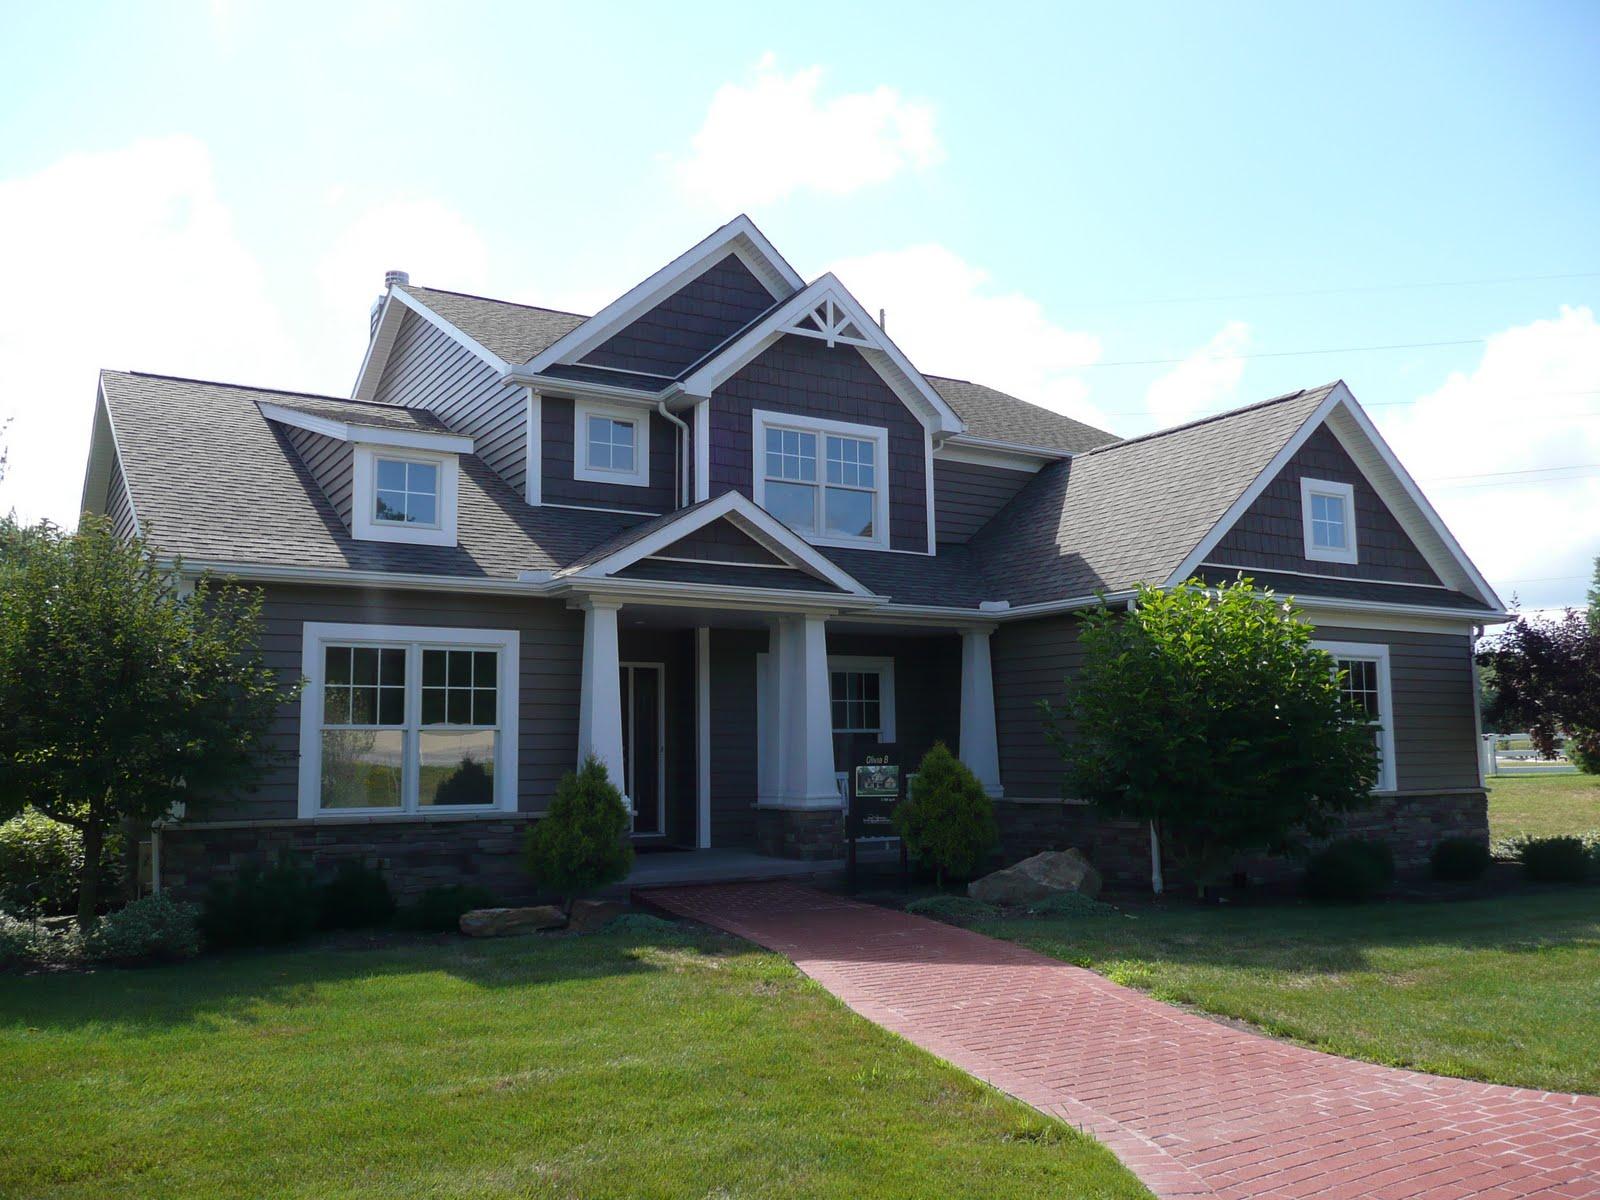 De jong dream house exterior - Houses with white trim ...